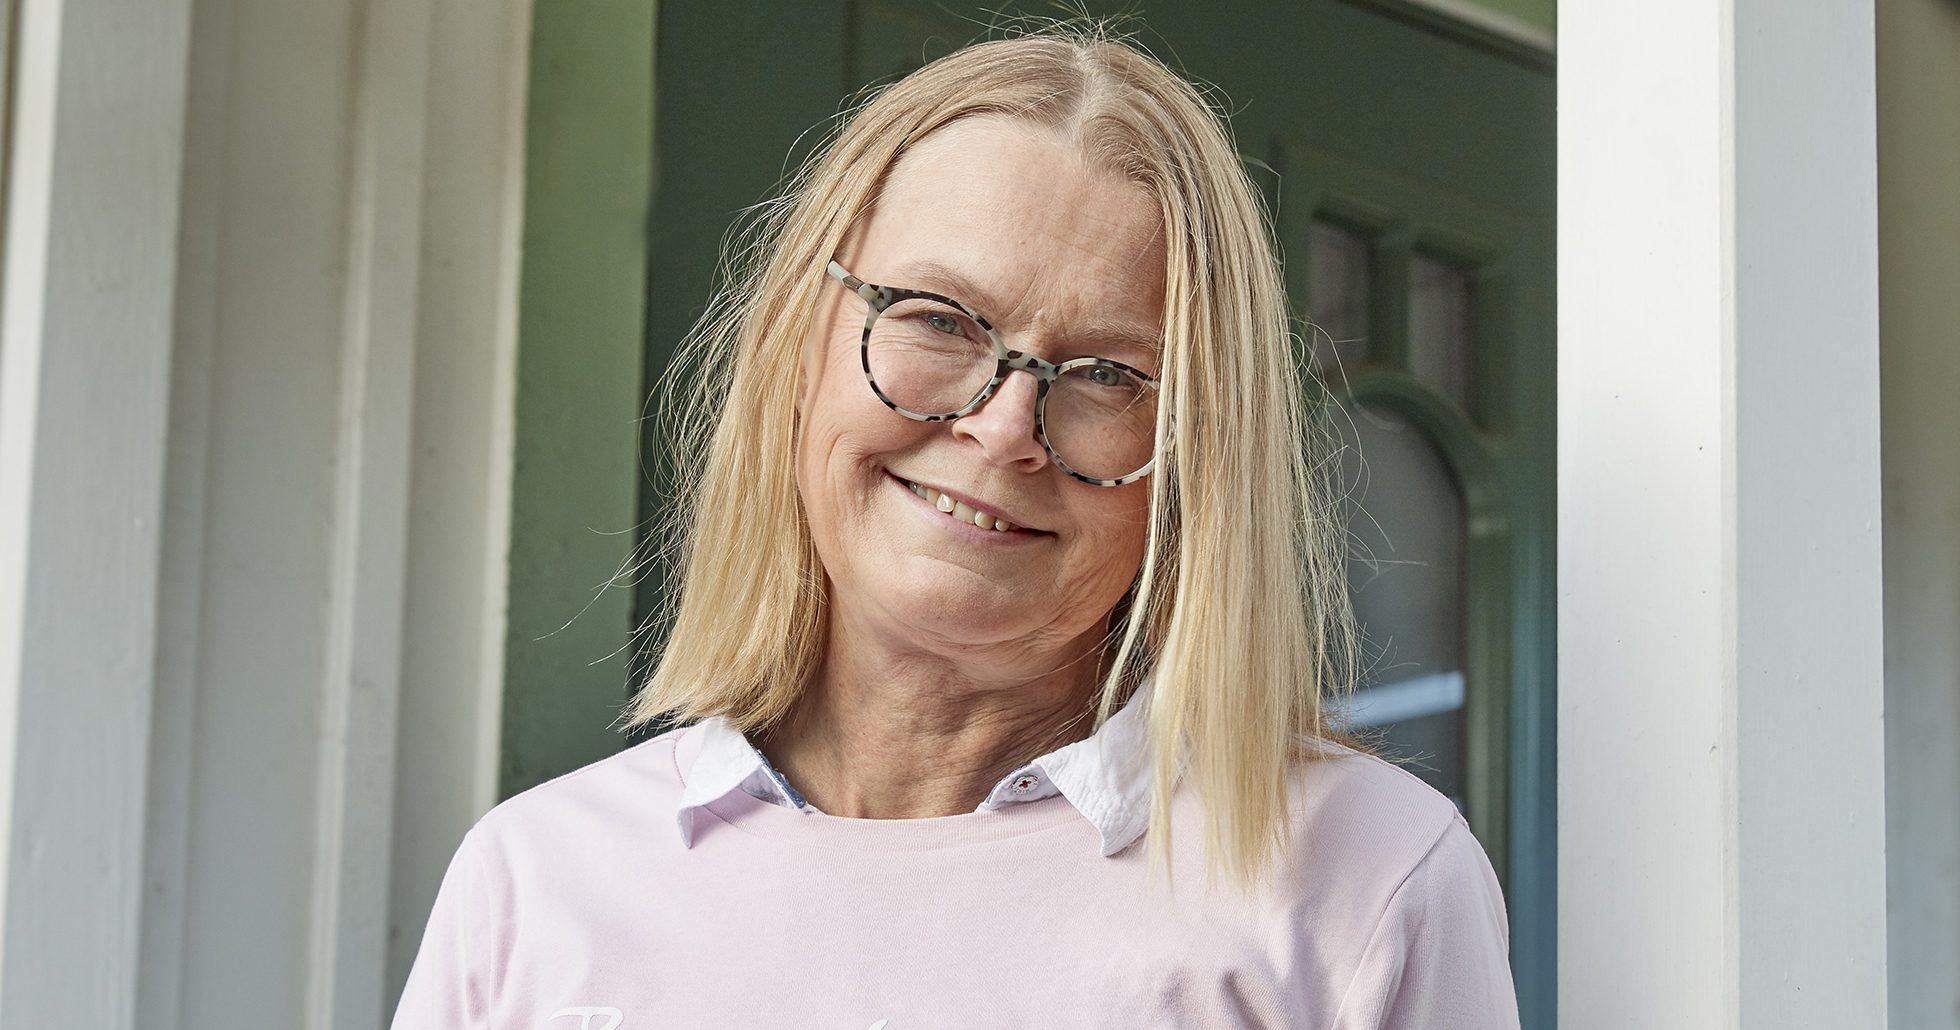 Susanne Bengtsson tittar in i kameran och ler